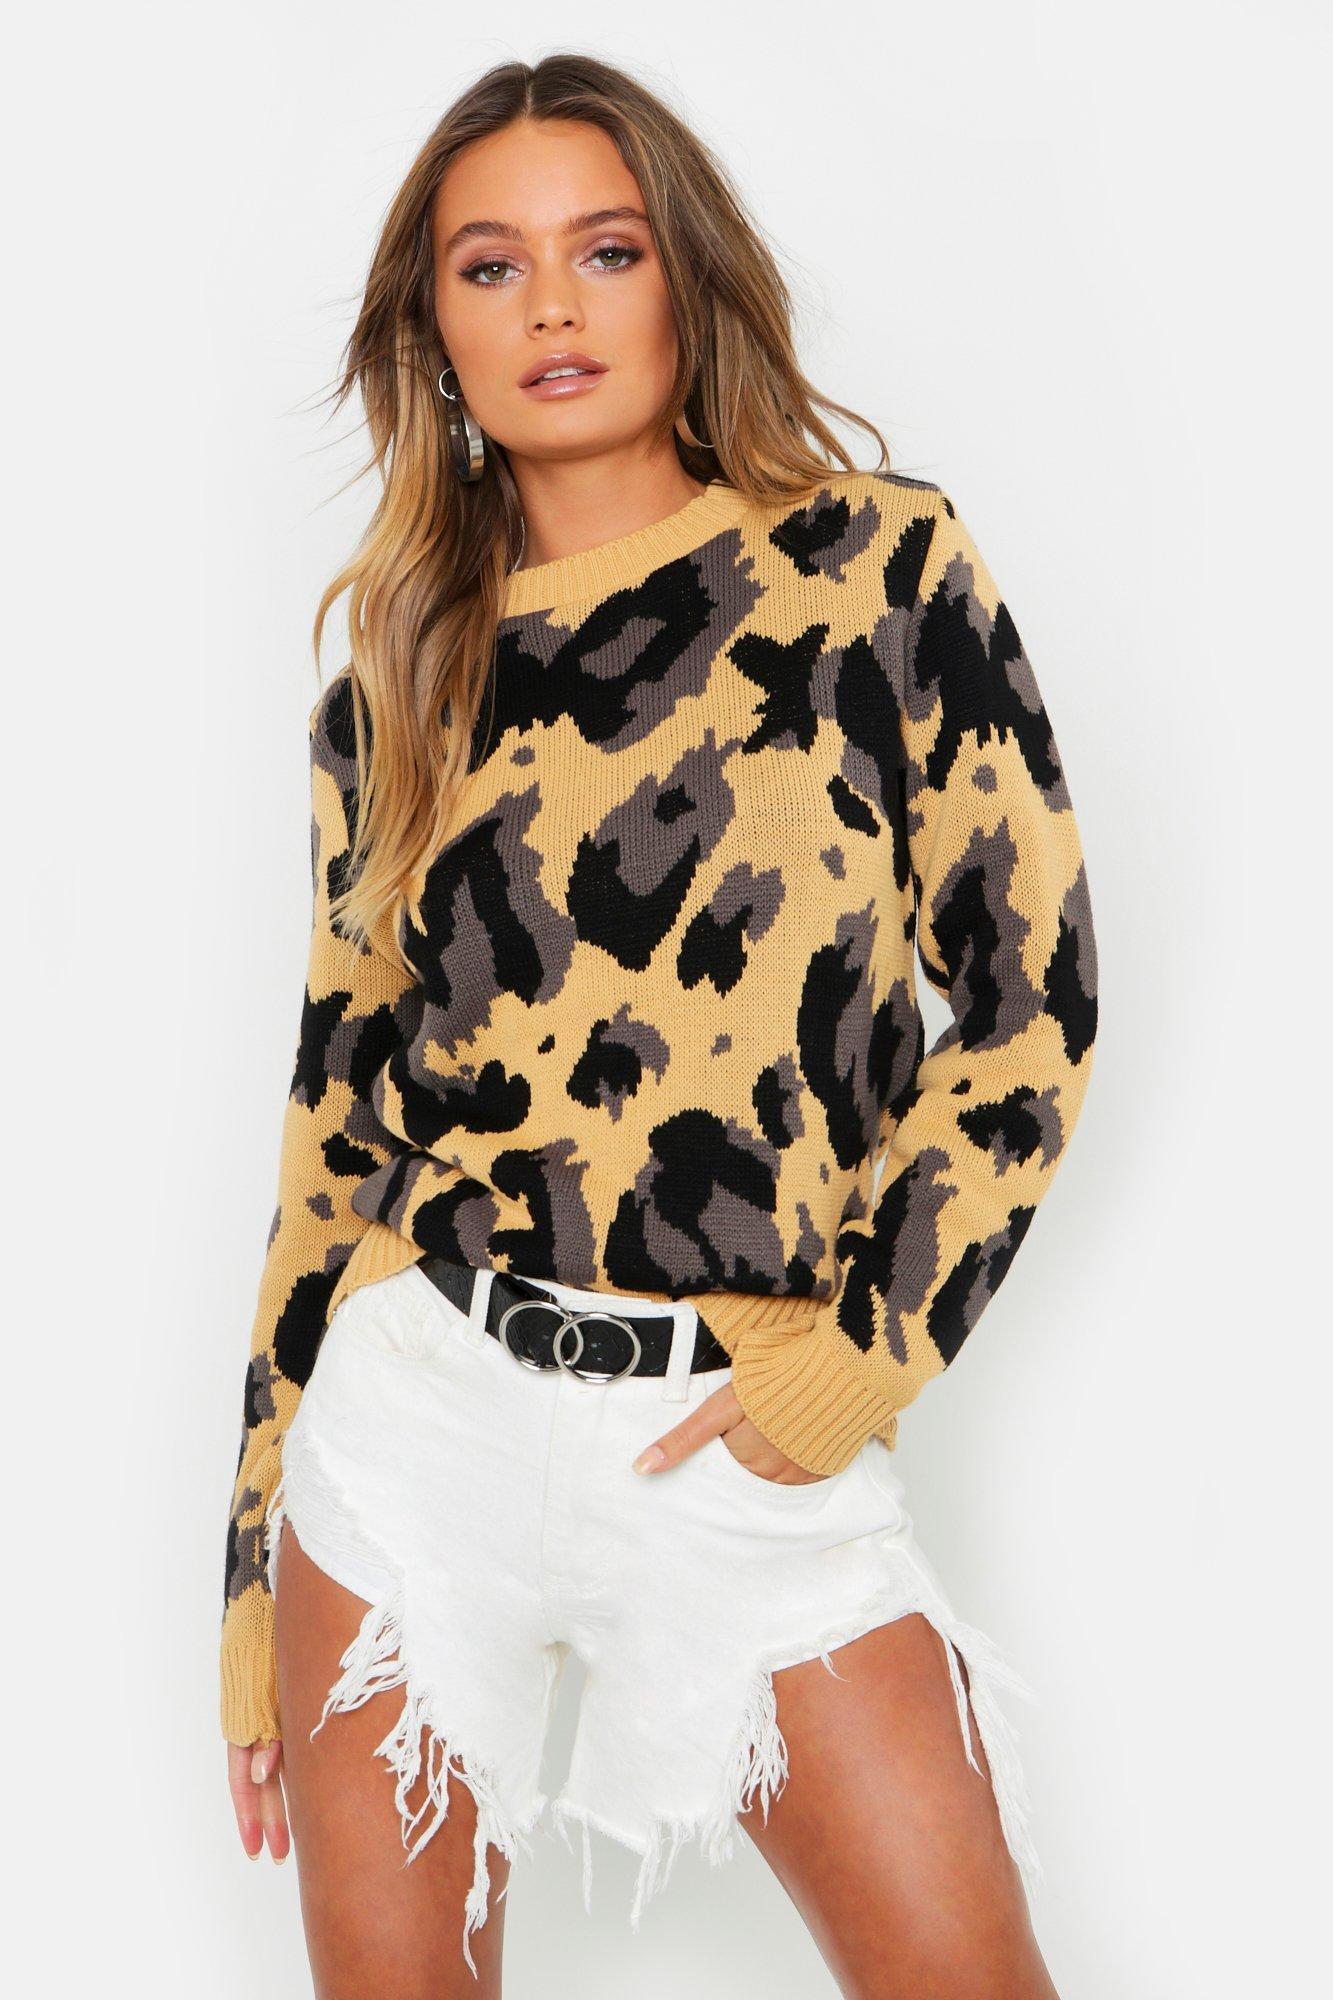 Womens Oversized Pullover mit Leoparden-Print - kamelhaarfarben - S, Kamelhaarfarben - Boohoo.com